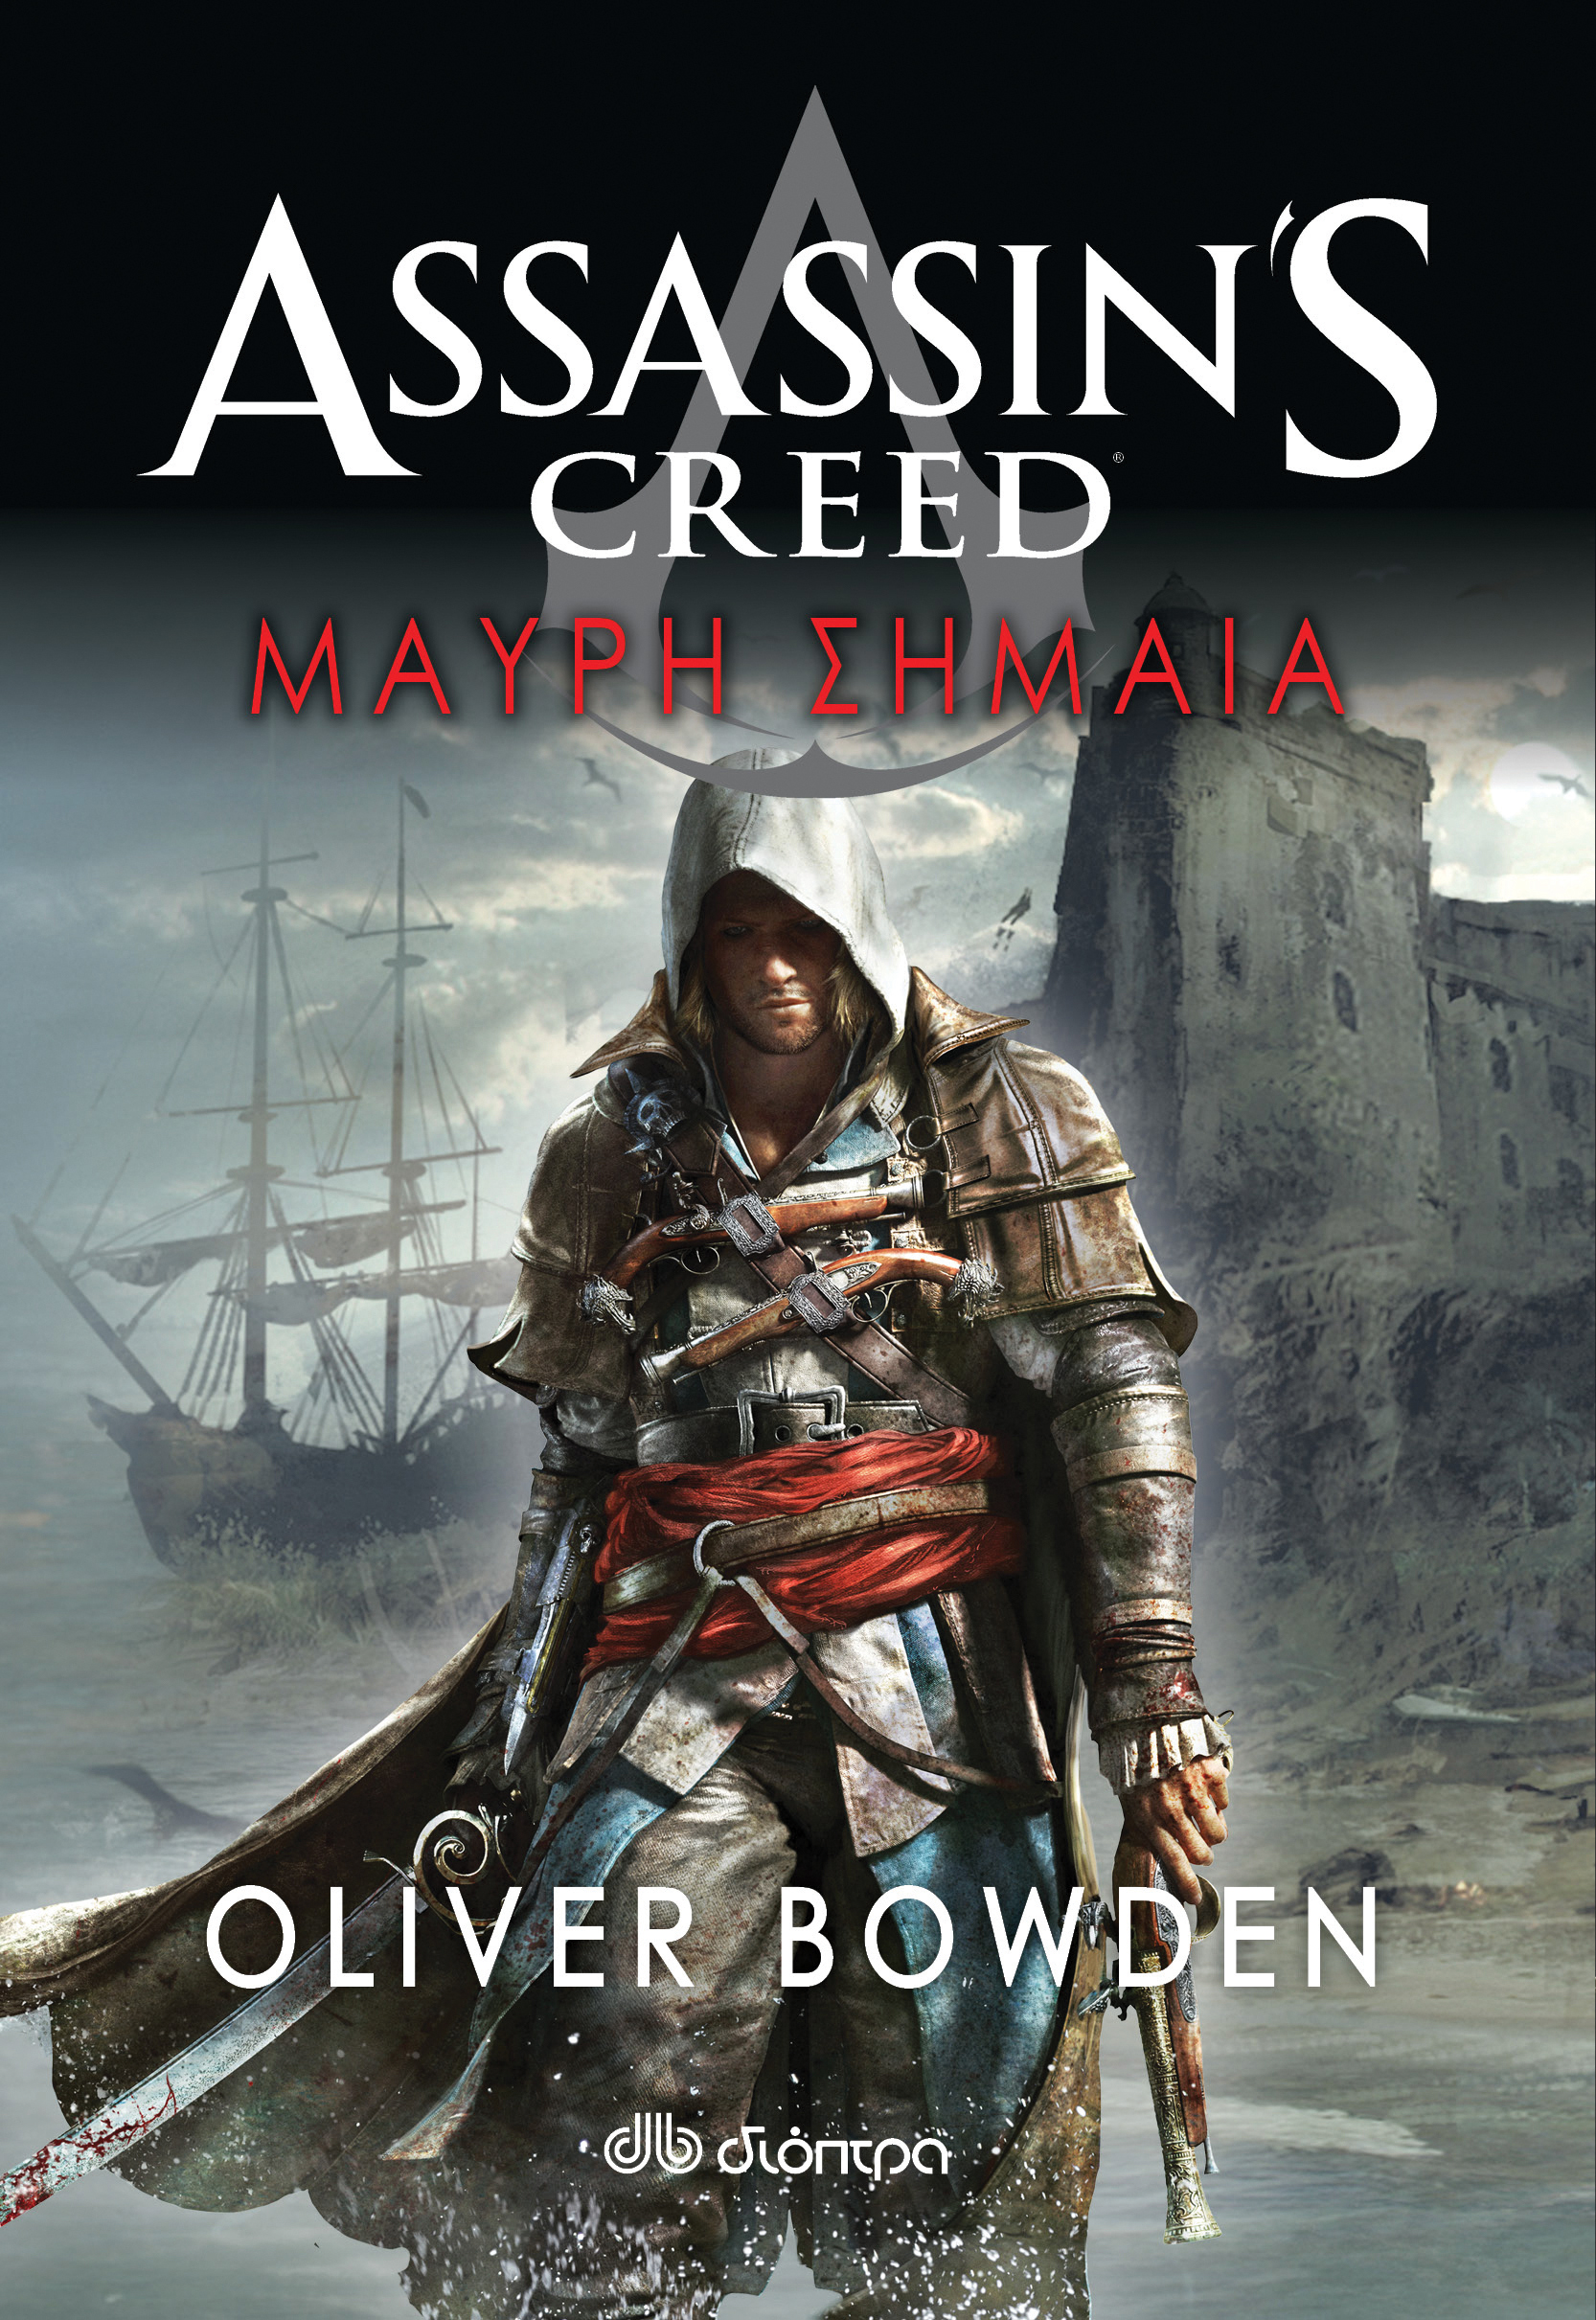 Μαύρη Σημαία - Assassin's Creed #6